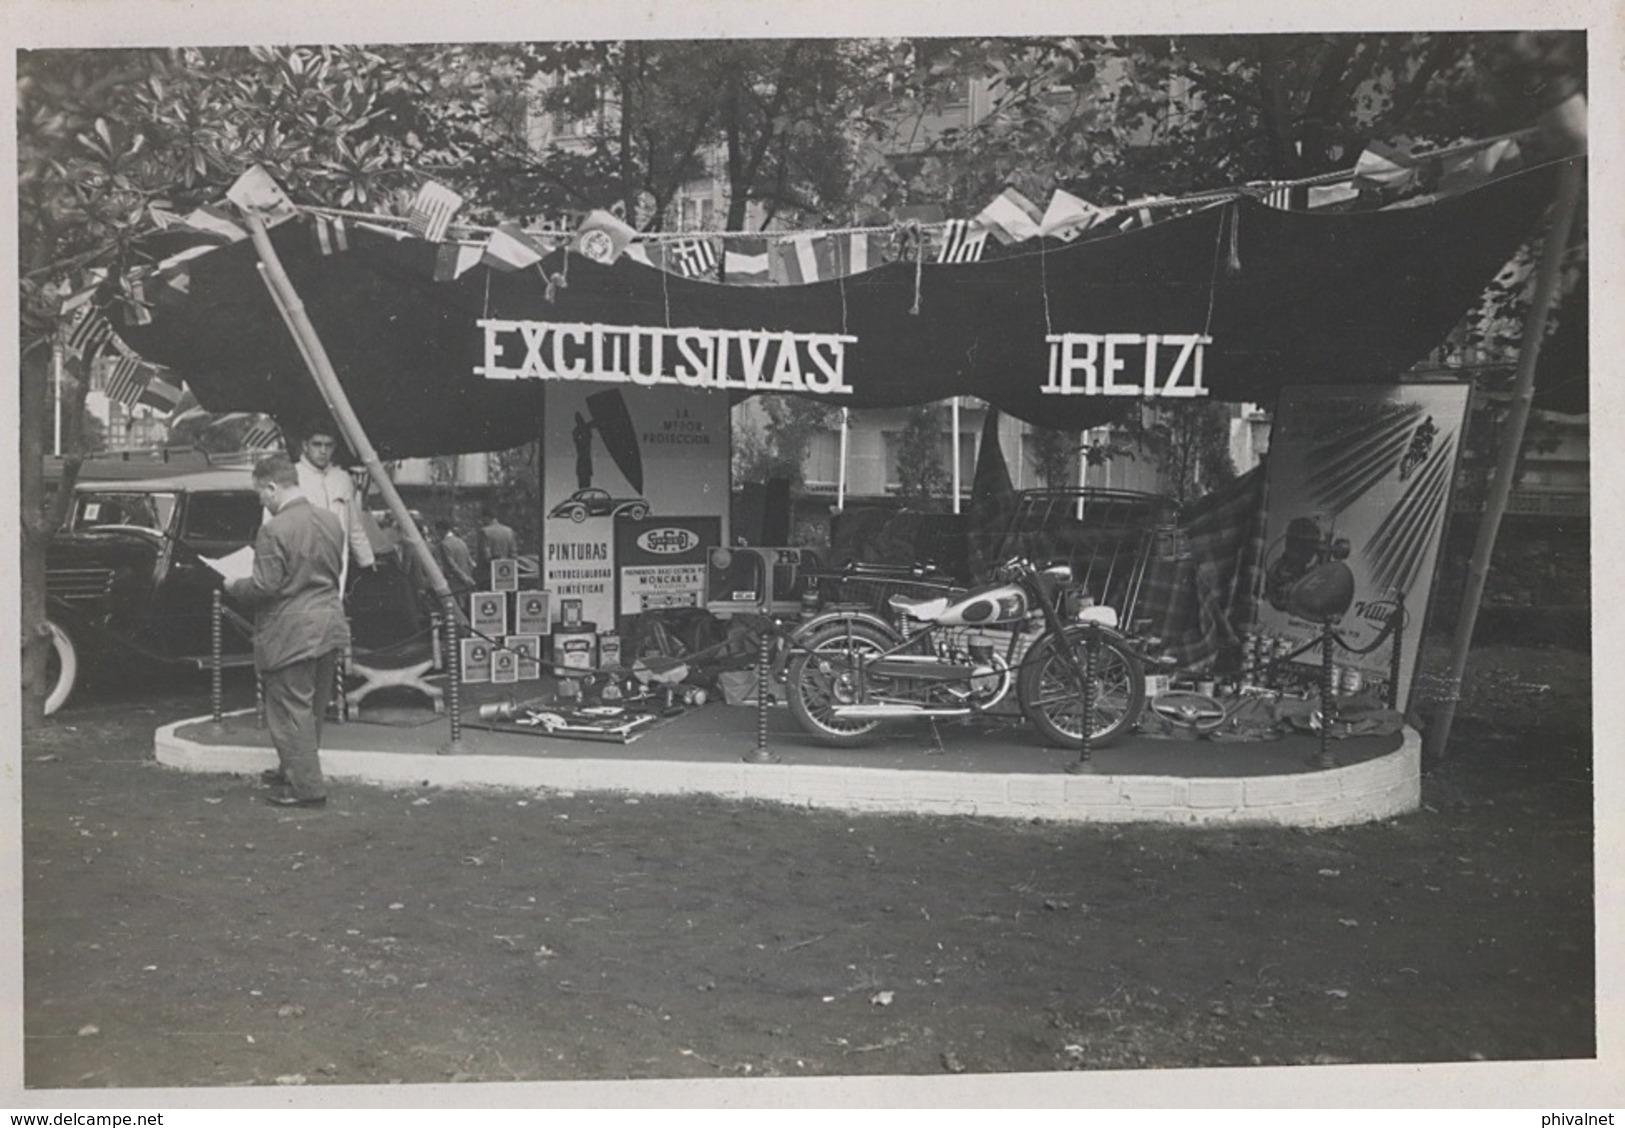 AÑOS 50 , MOTOCICLISMO , MOTOCICLETA , MOTO , MOTORCYCLE , MOTORRAD - ANTIGUA FOTOGRAFIA ORIGINAL - Otros